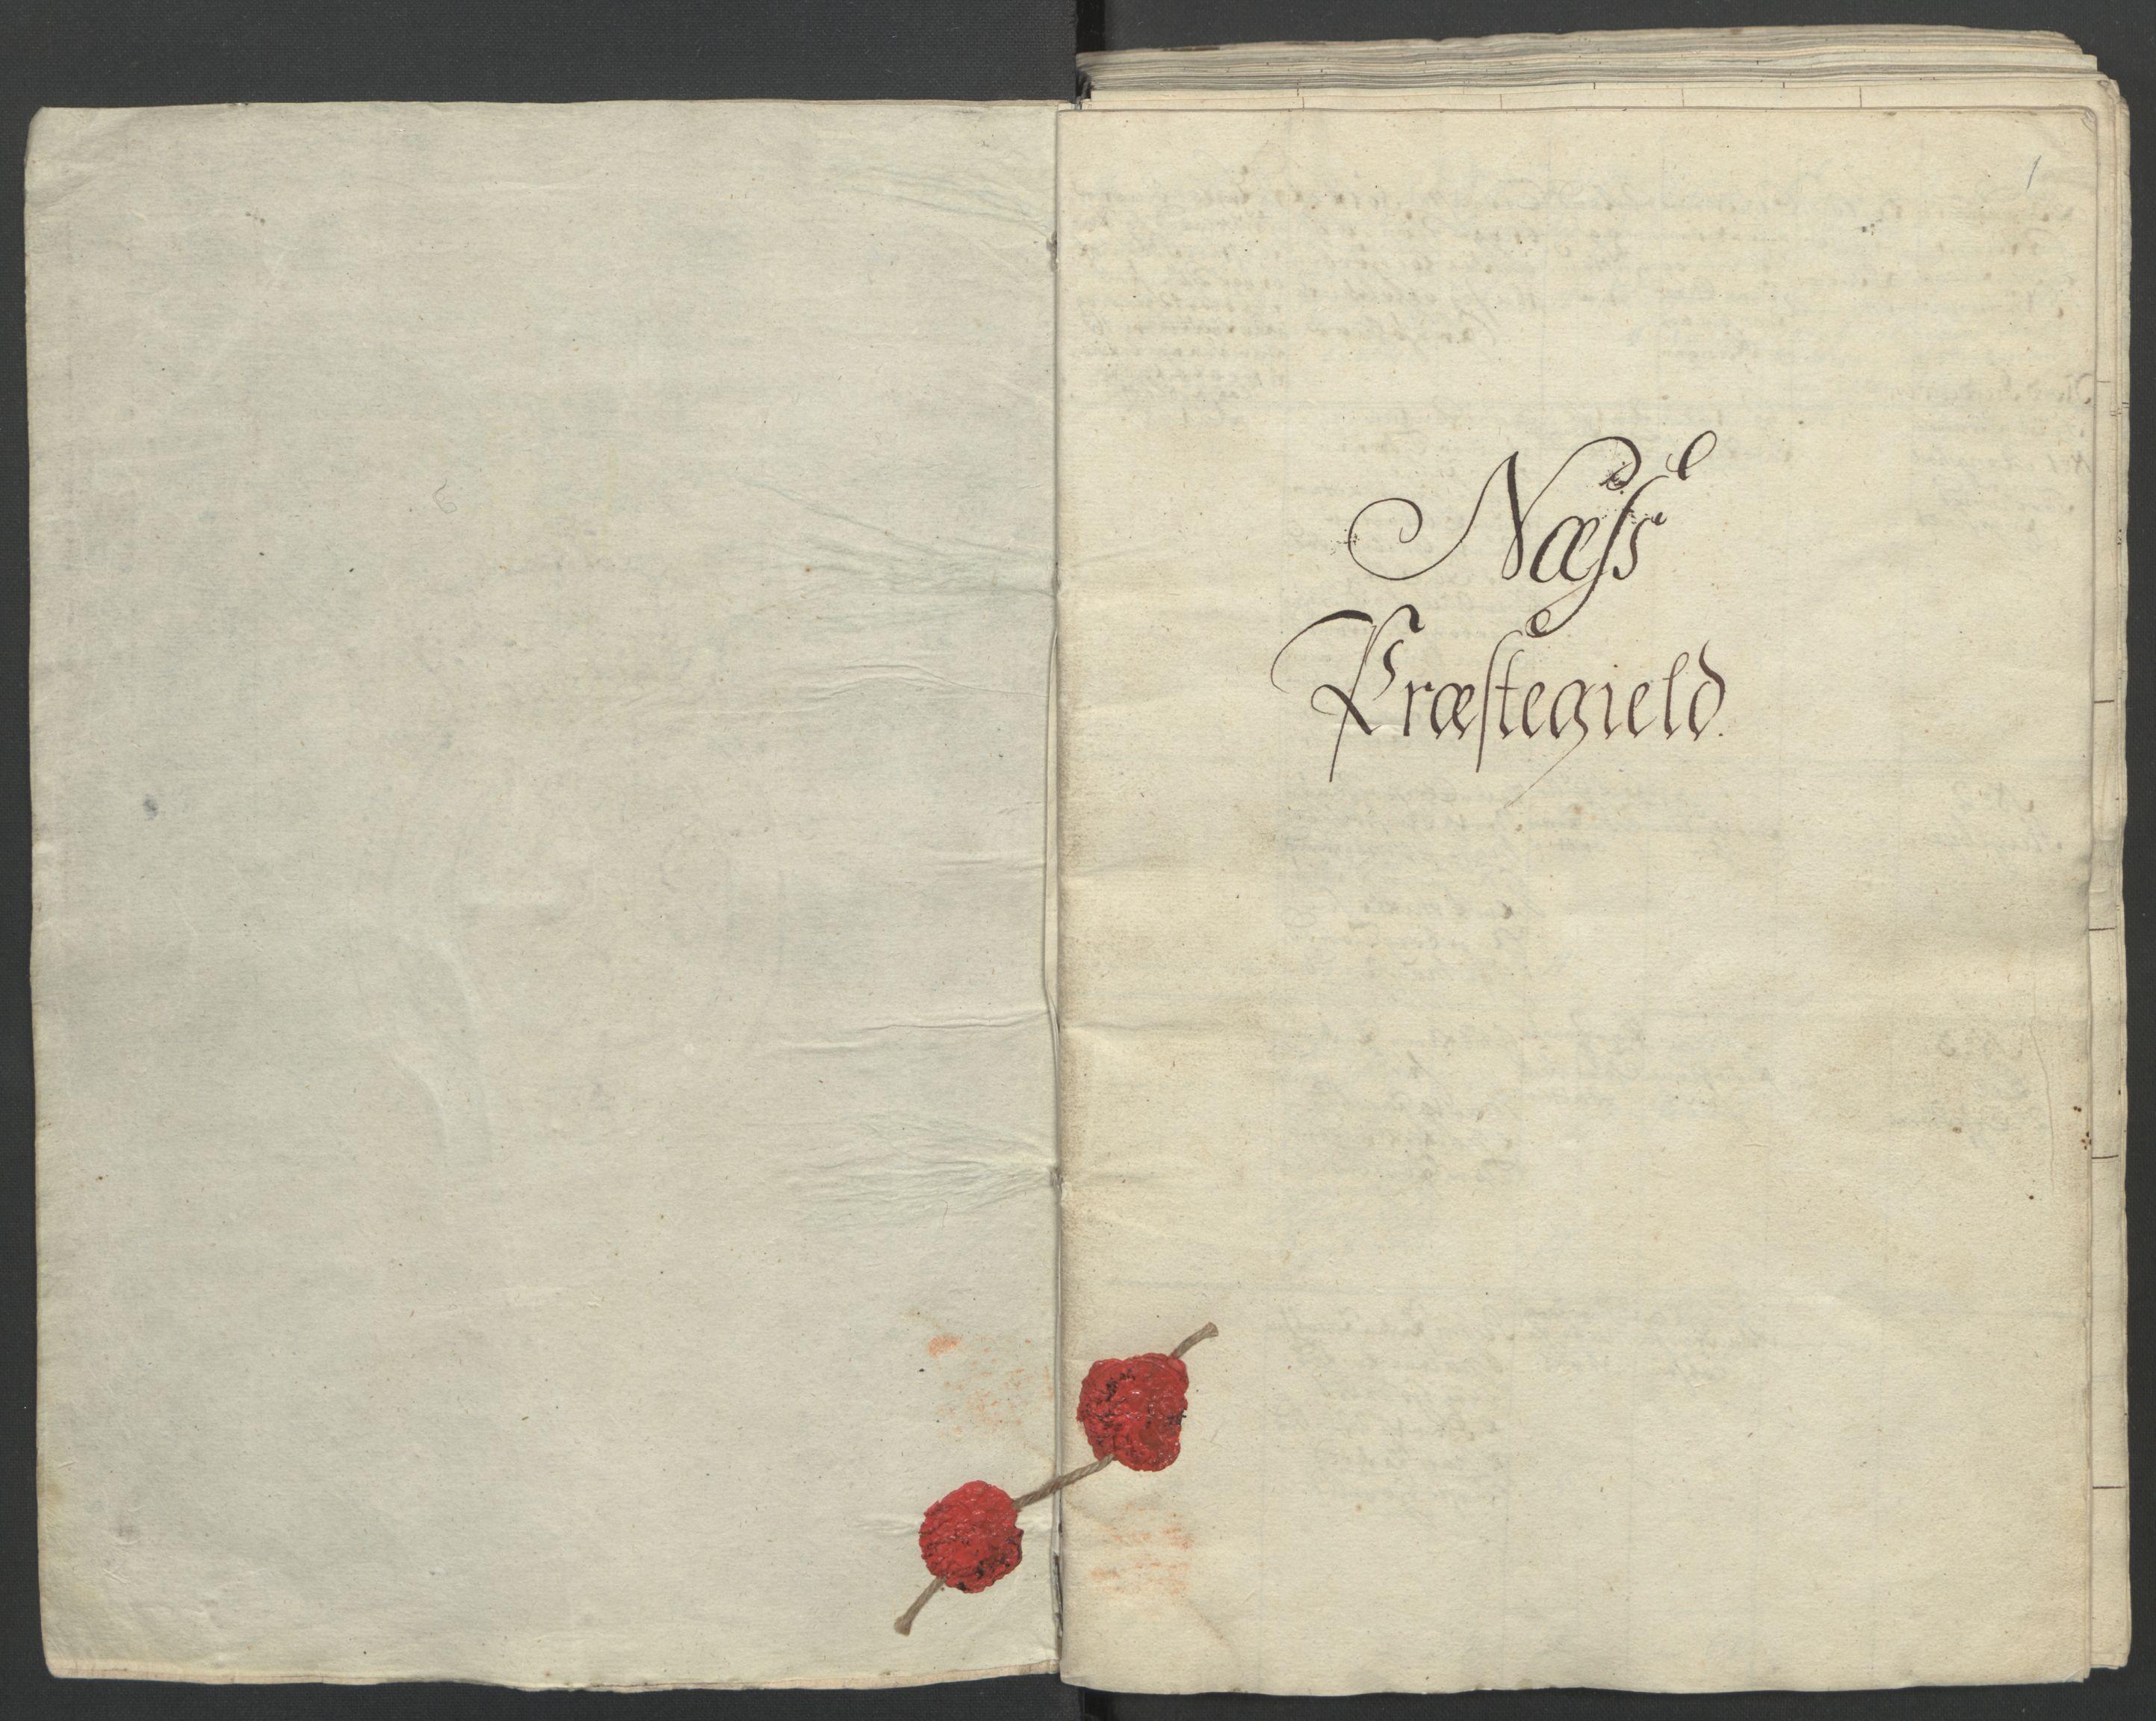 RA, Rentekammeret inntil 1814, Reviderte regnskaper, Fogderegnskap, R16/L1147: Ekstraskatten Hedmark, 1763-1764, s. 139